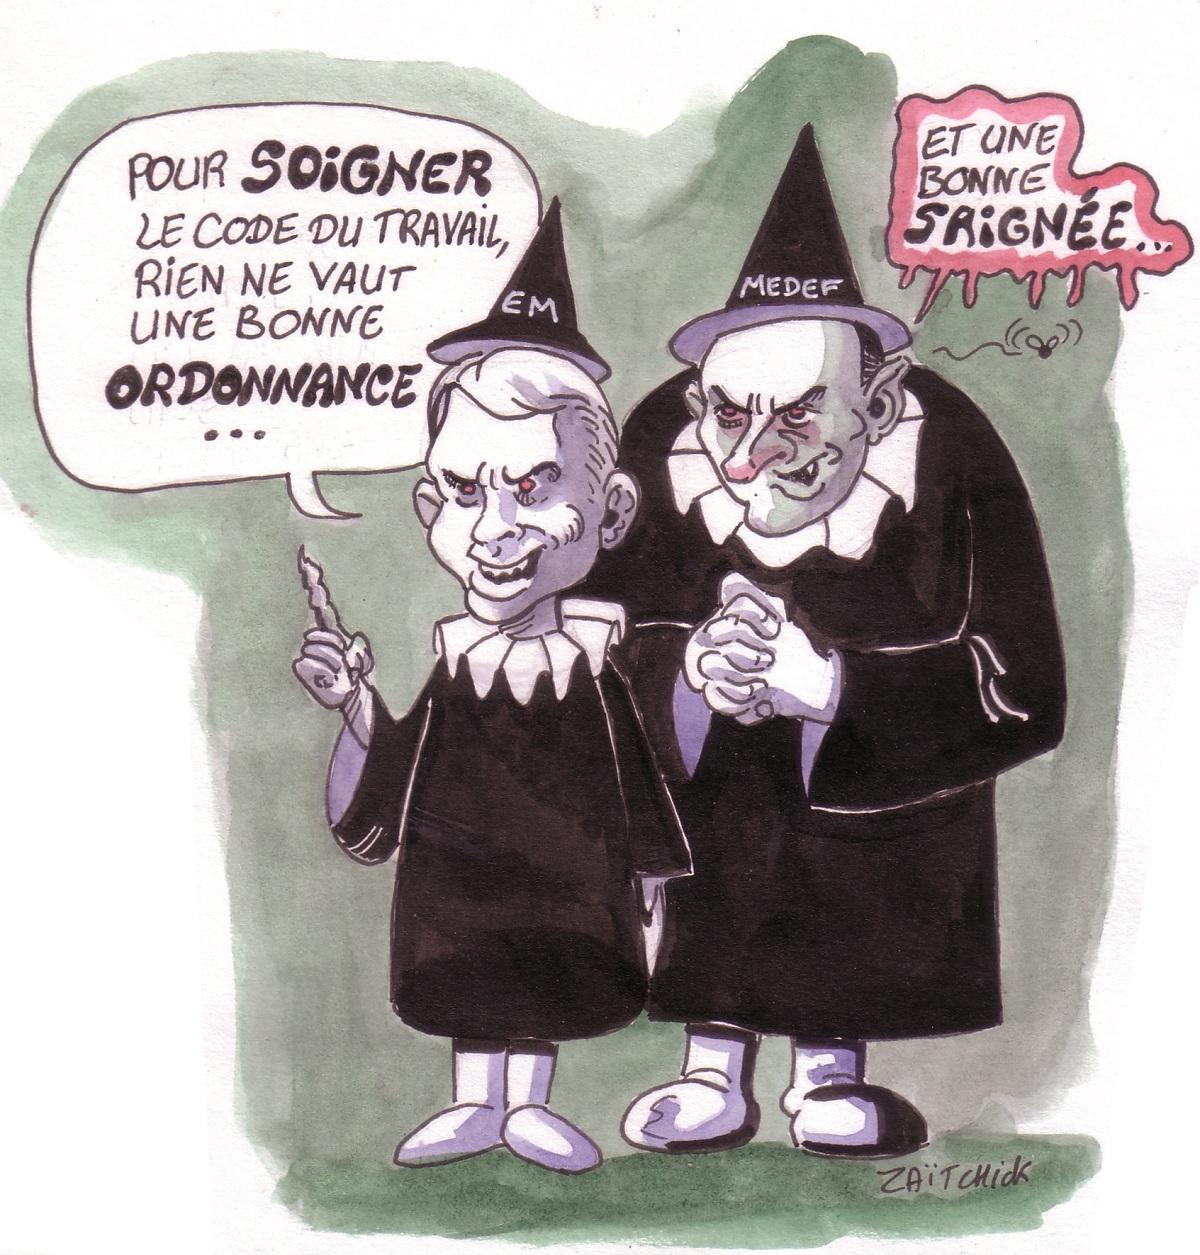 dessin humoristique d'Emmanuel Macron et de PIerre Gattaz en anciens médecins préconisant une saignée du Code du travail par ordonnances